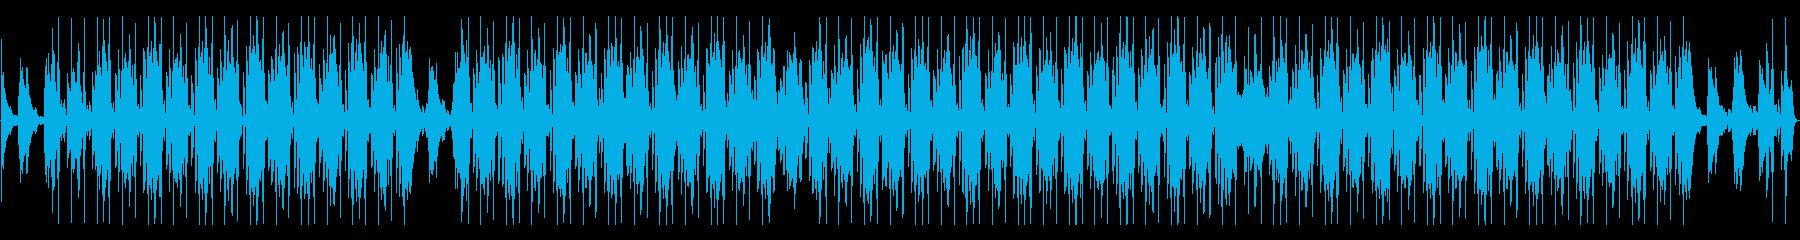 雑談配信!生演奏ギターlofiチルの再生済みの波形